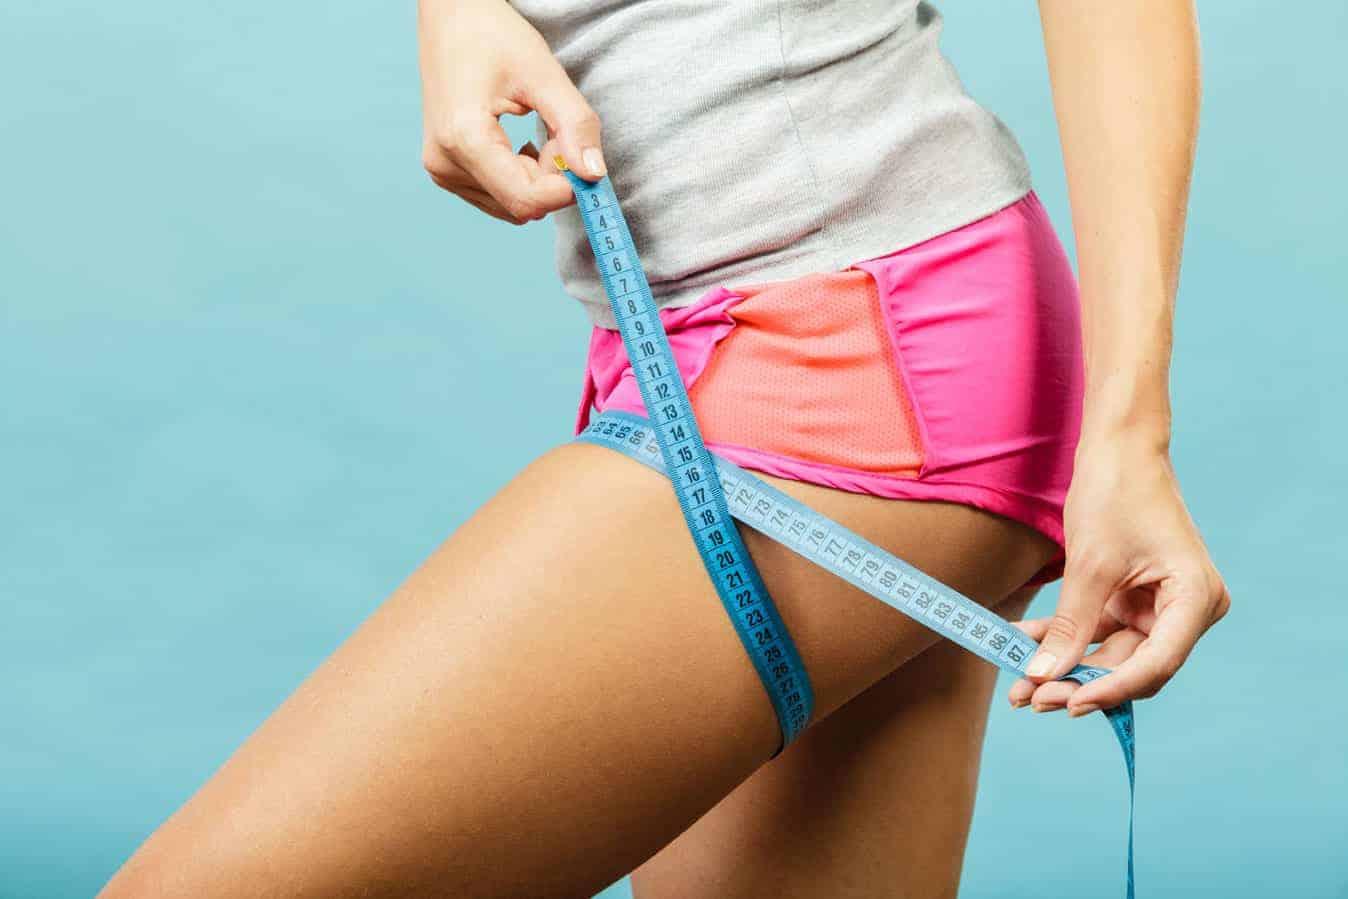 Jak schudnąć z ud i bioder szybko - ćwiczenia - Zdrowie